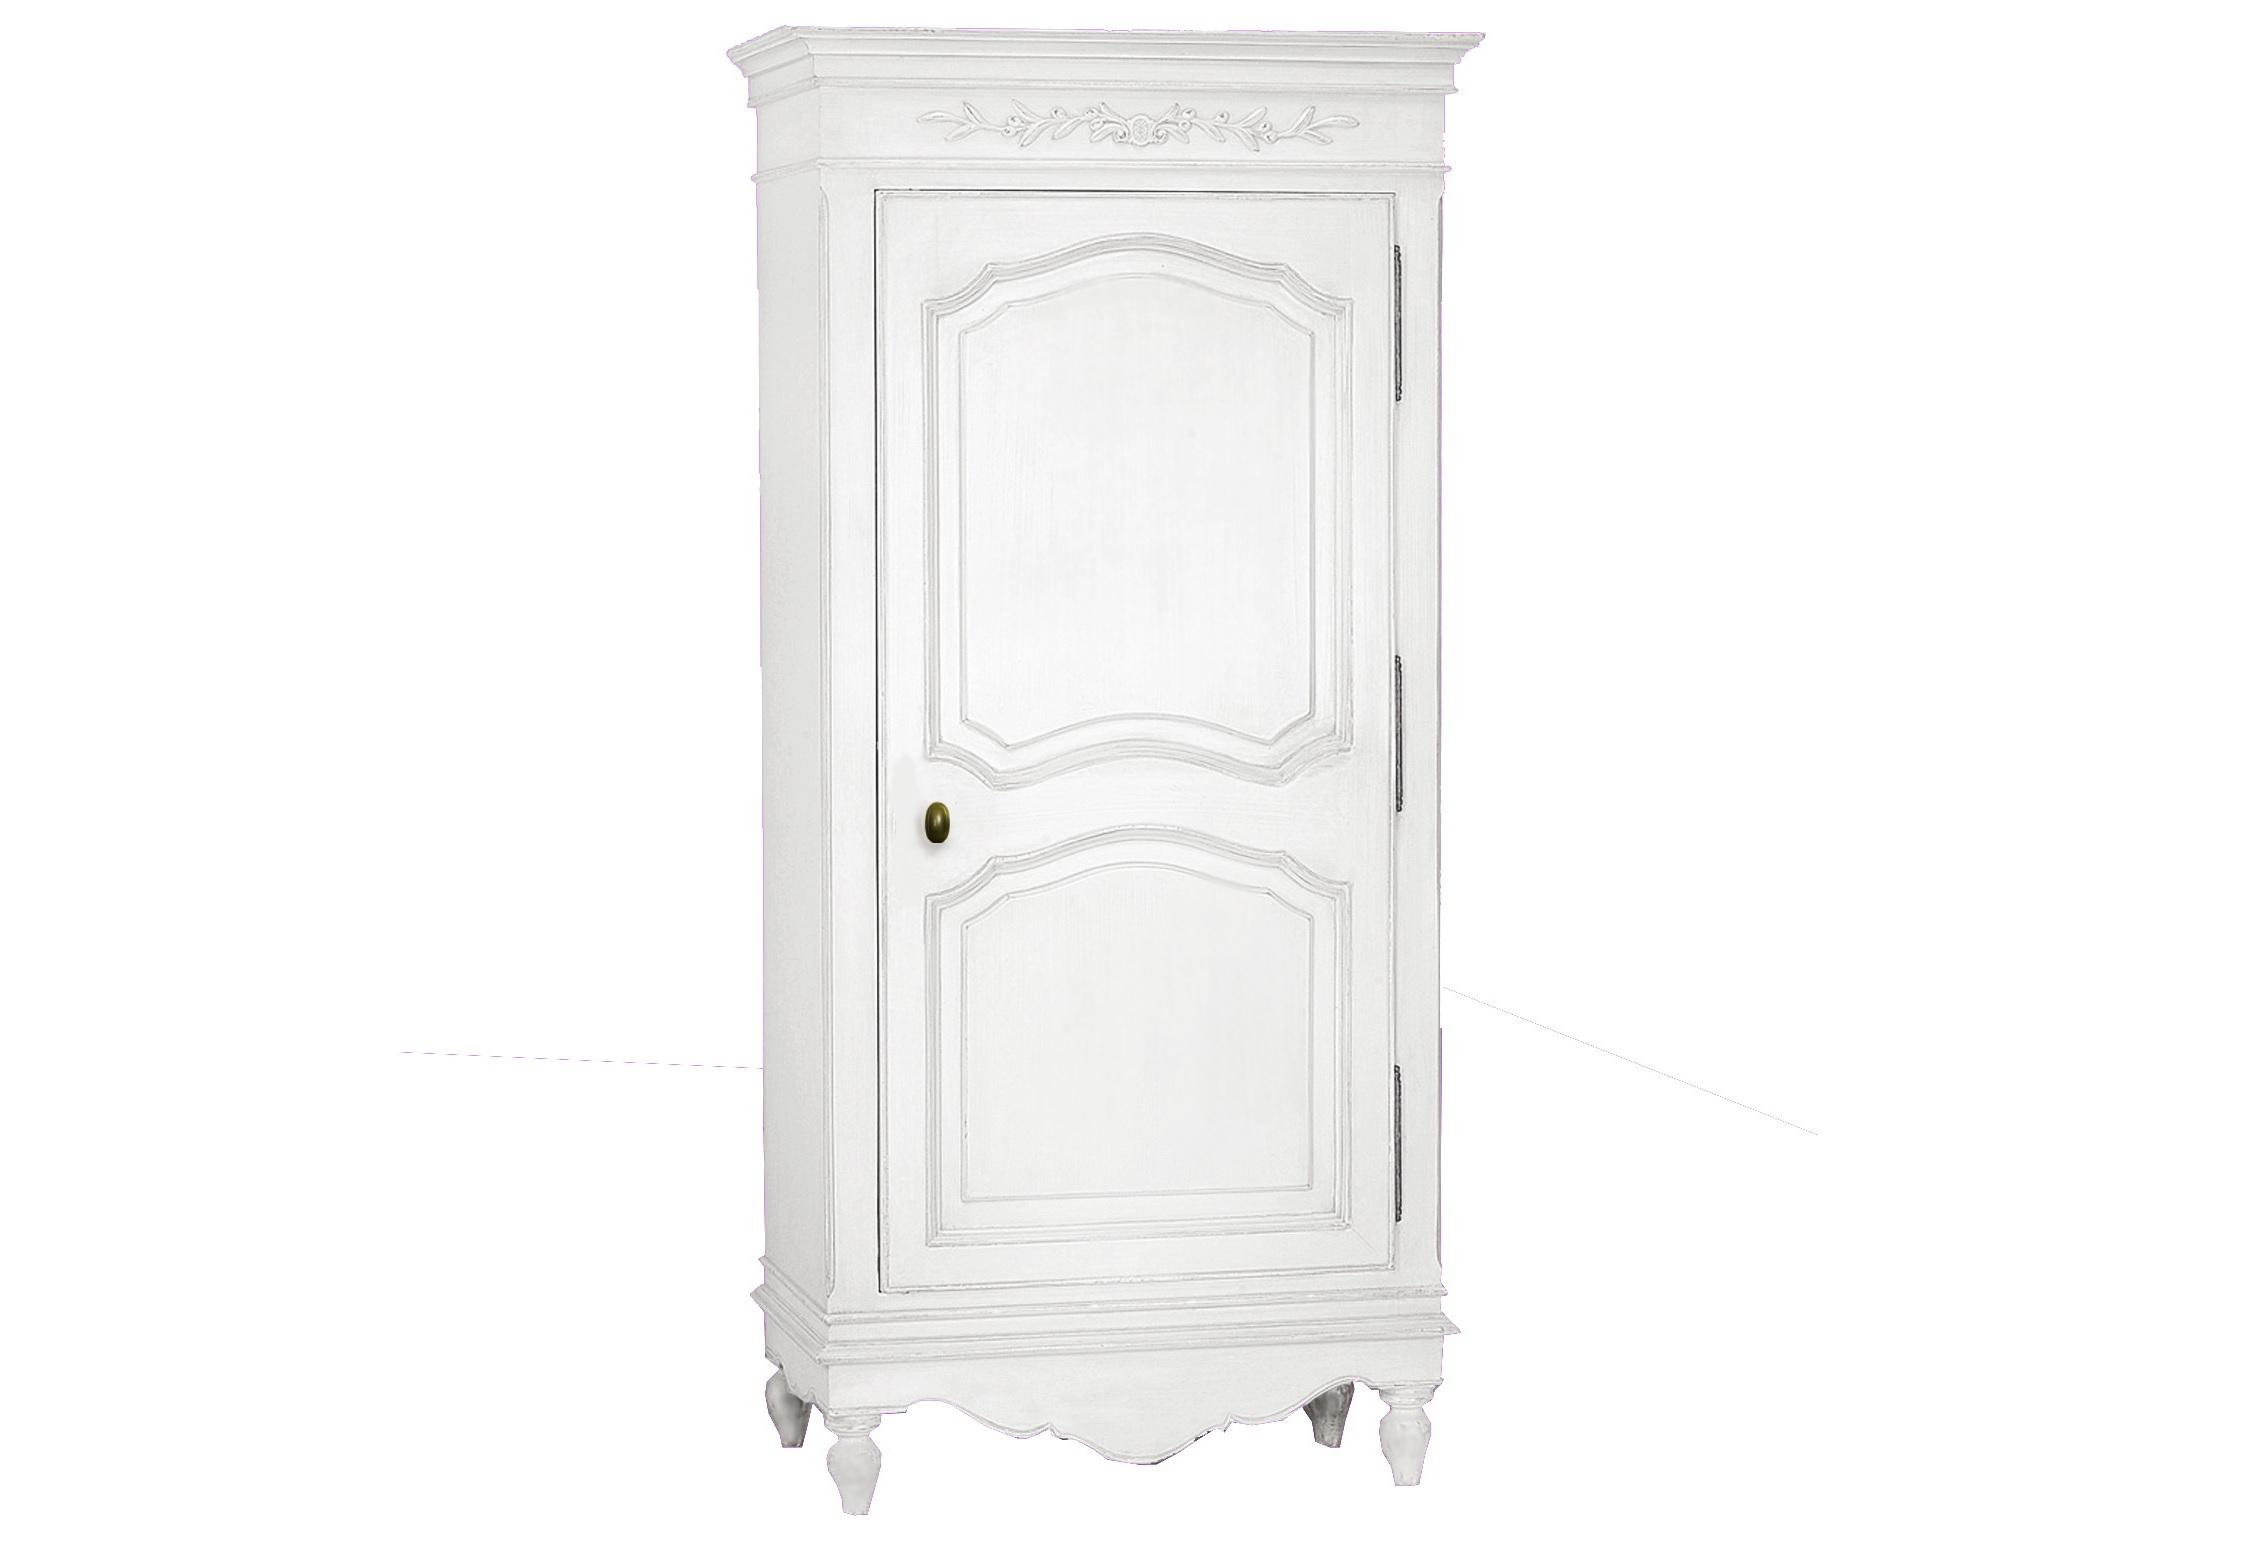 Шкаф Снежный провансПлатяные шкафы<br>Белая мебель Прованс для гостиной, спальни, столовой, кабинета отлично впишется в Ваш загородный дом. Белая высококачественная мебель &amp;quot;Снежный Прованс&amp;quot; также может послужить в качестве обстановки детской комнаты подростка. Это функциональная удобная мебель европейского качества. Коллекция изготовлена из массива бука (каркасы и точеные элементы мебели) и из высококачественного МДФ (филенчатые части) и соответствует немецким стандартам для детской мебели.<br>Мебель &amp;quot;Снежный Прованс&amp;quot; имеет плавные изогнутые формы и украшена потертым вручную декором в виде оливковой ветви. Шкаф 1-сворчатый белый в стиле Прованс Ля Нэж из массива бука, филенчатые части из МДФ высокого качества, водный матовый лак, идеально в качестве детской мебели для девочки подростка. Мебель украшена потертым вручную декором в виде оливковой ветви.<br><br>Material: Бук<br>Length см: None<br>Width см: 90.8<br>Depth см: 60.6<br>Height см: 206.8<br>Diameter см: None